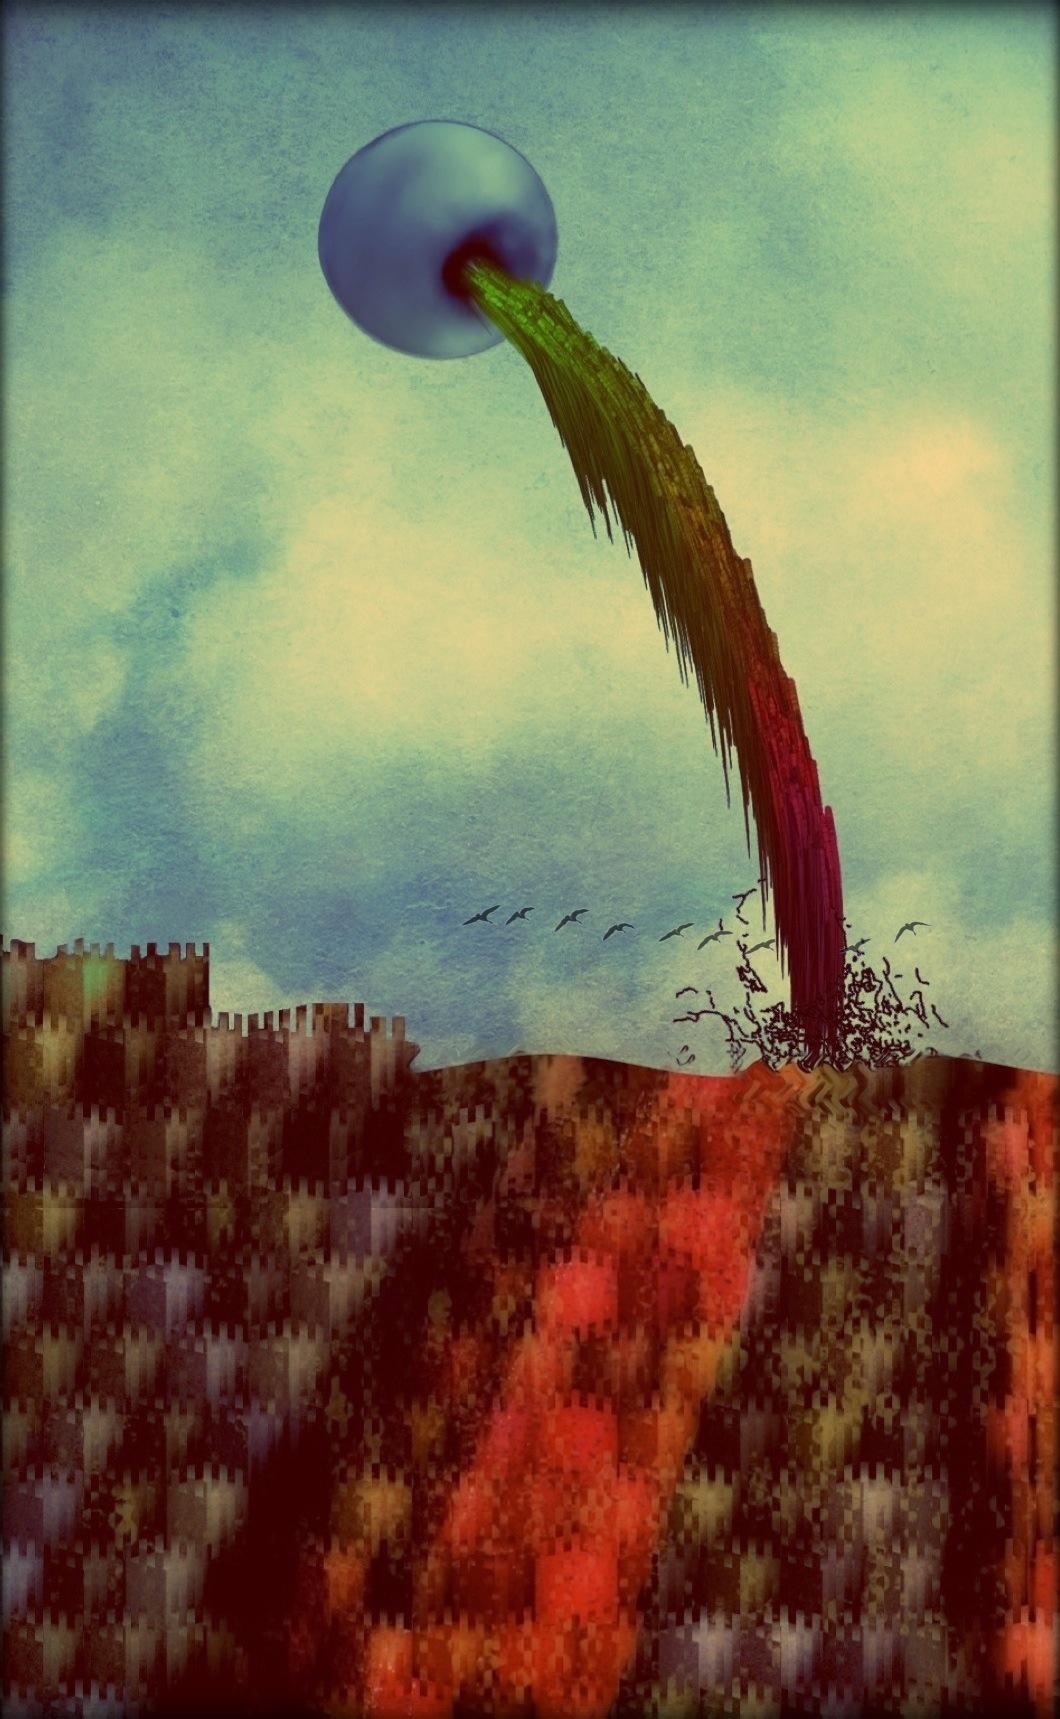 Clint Cline ~ The mystery of Bird Cliffs